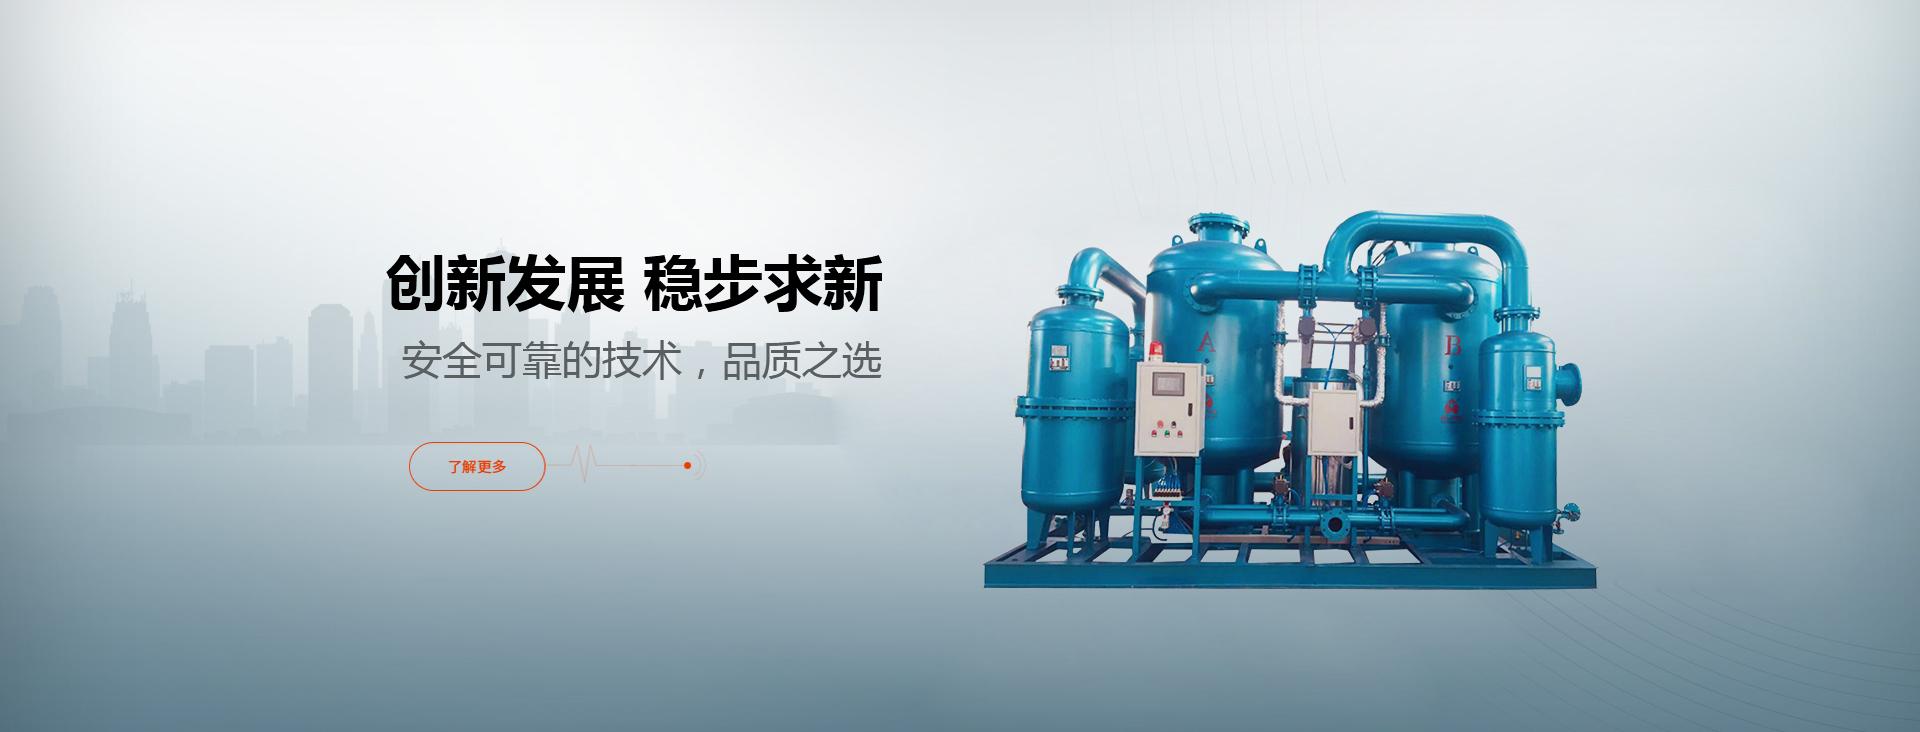 制氮機價格,空分制氮設備,變壓吸附制氮機